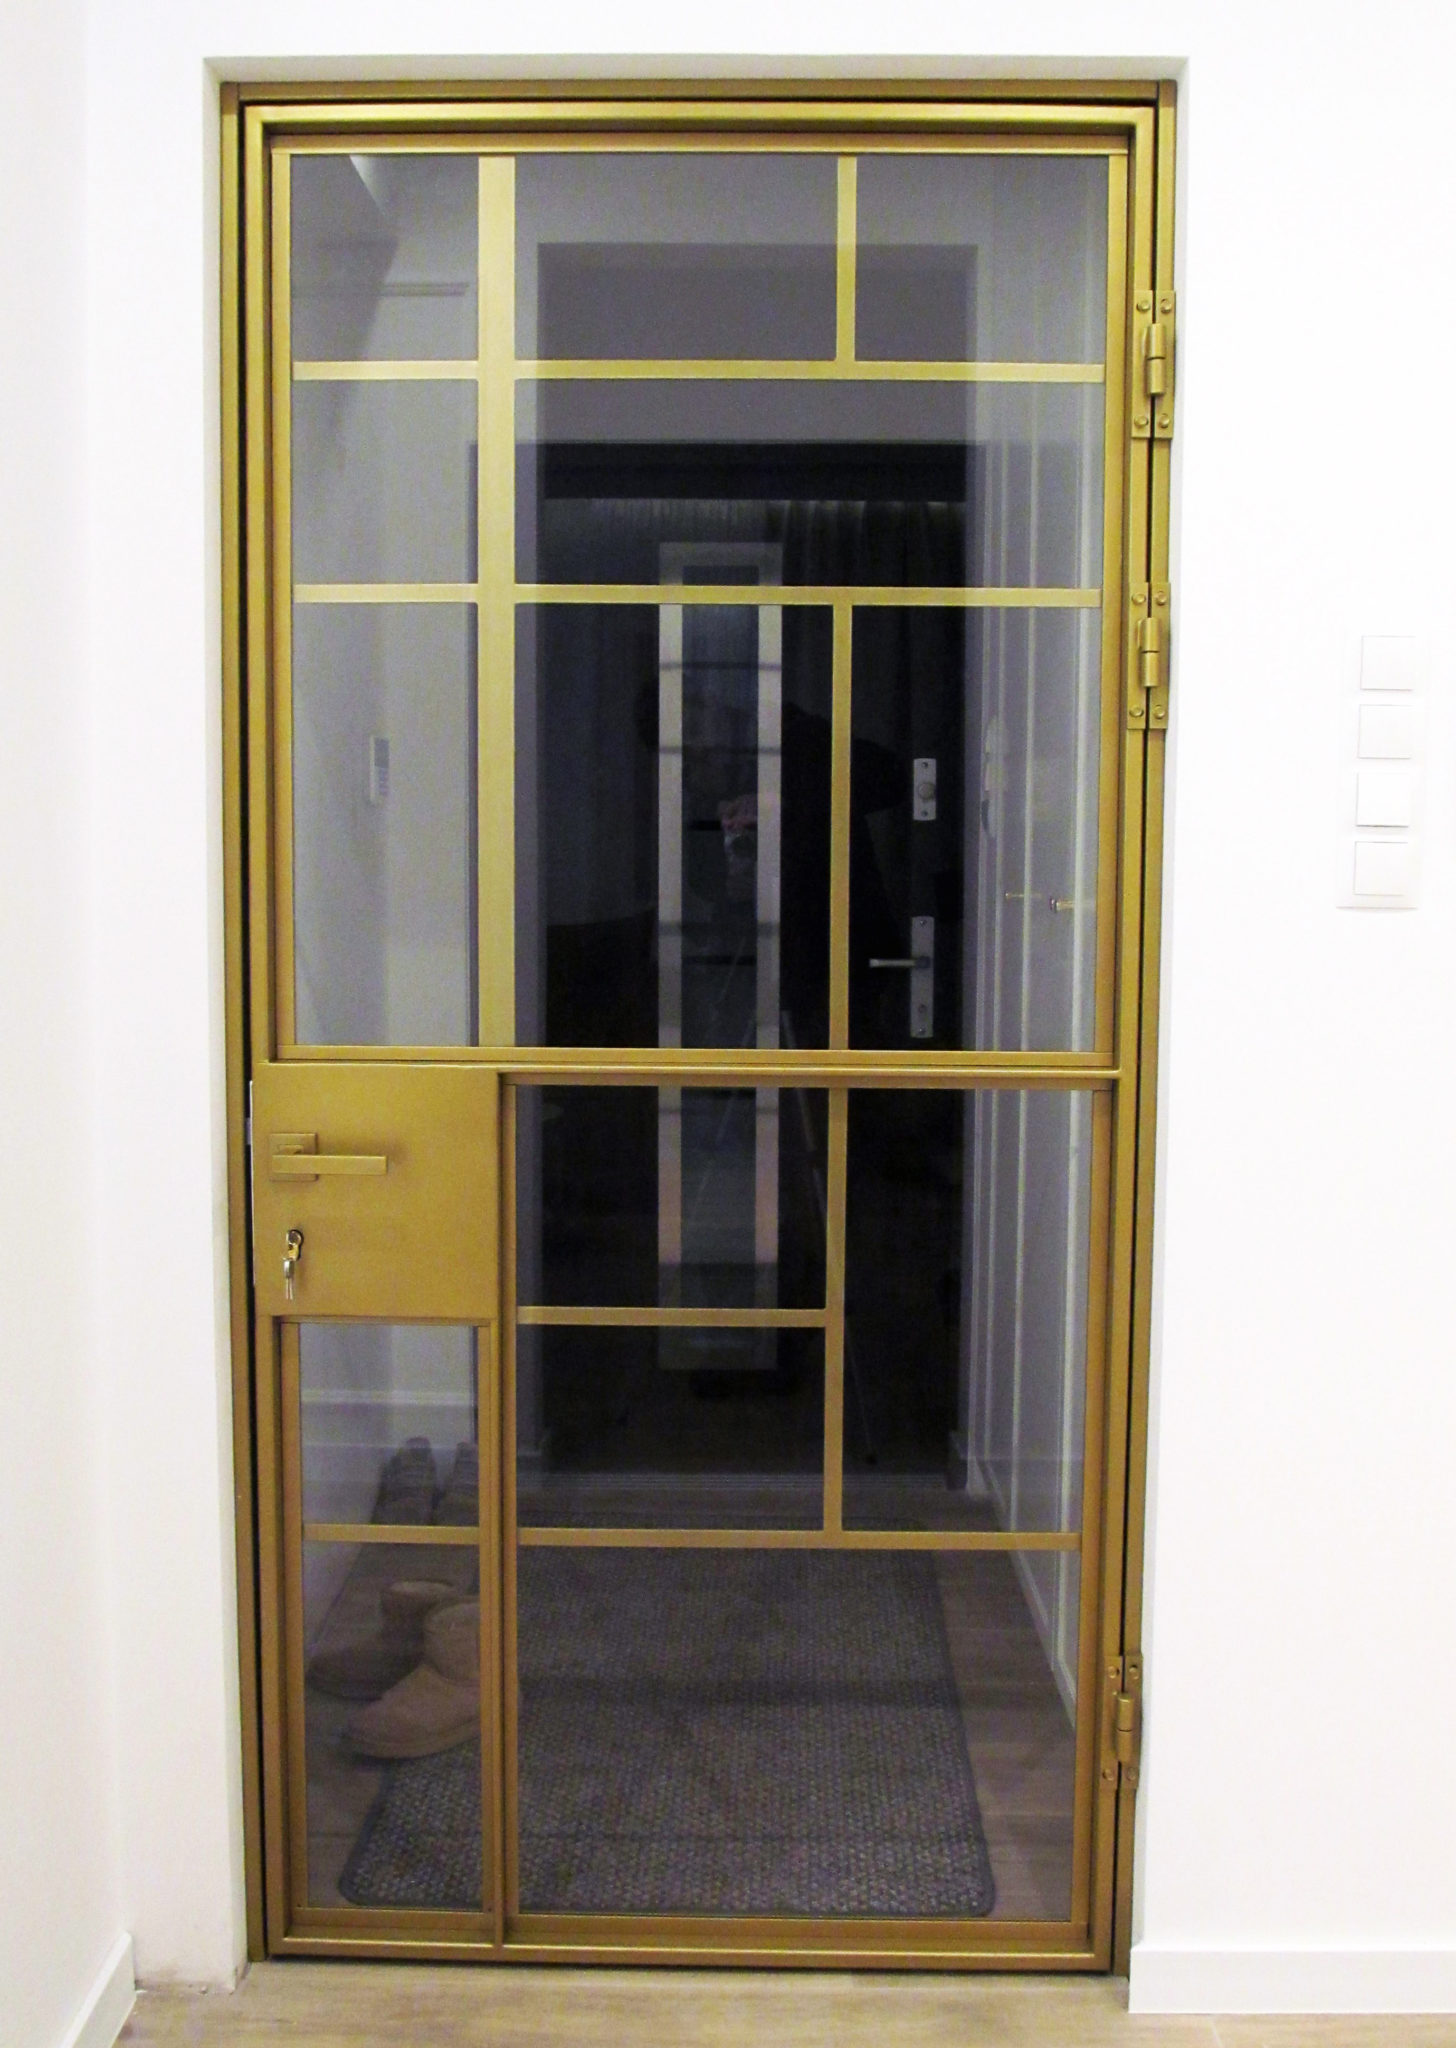 Pozłacane drzwi loftowe – szkło bezpieczne 33.1 z folią – biała ściana – parkiet – drzwi zamykane na klucz